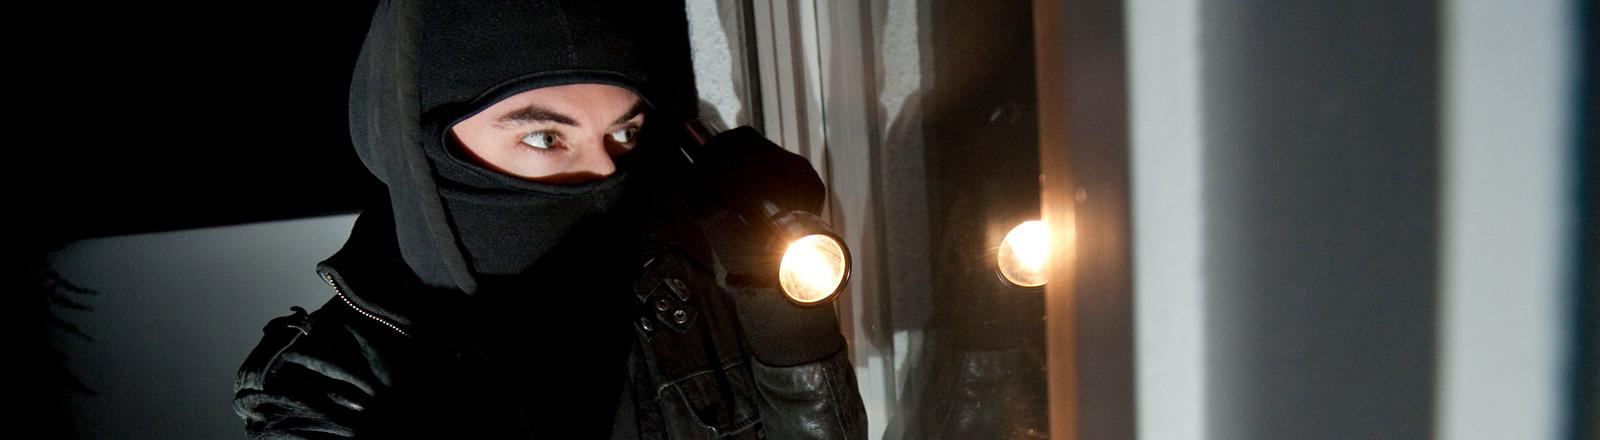 Eine Person, schwarz bekleidet und vermummt steht vor einer Tür und hält eine Lampe in der Hand. Das Bild illustriert eine Einbruchsszene.